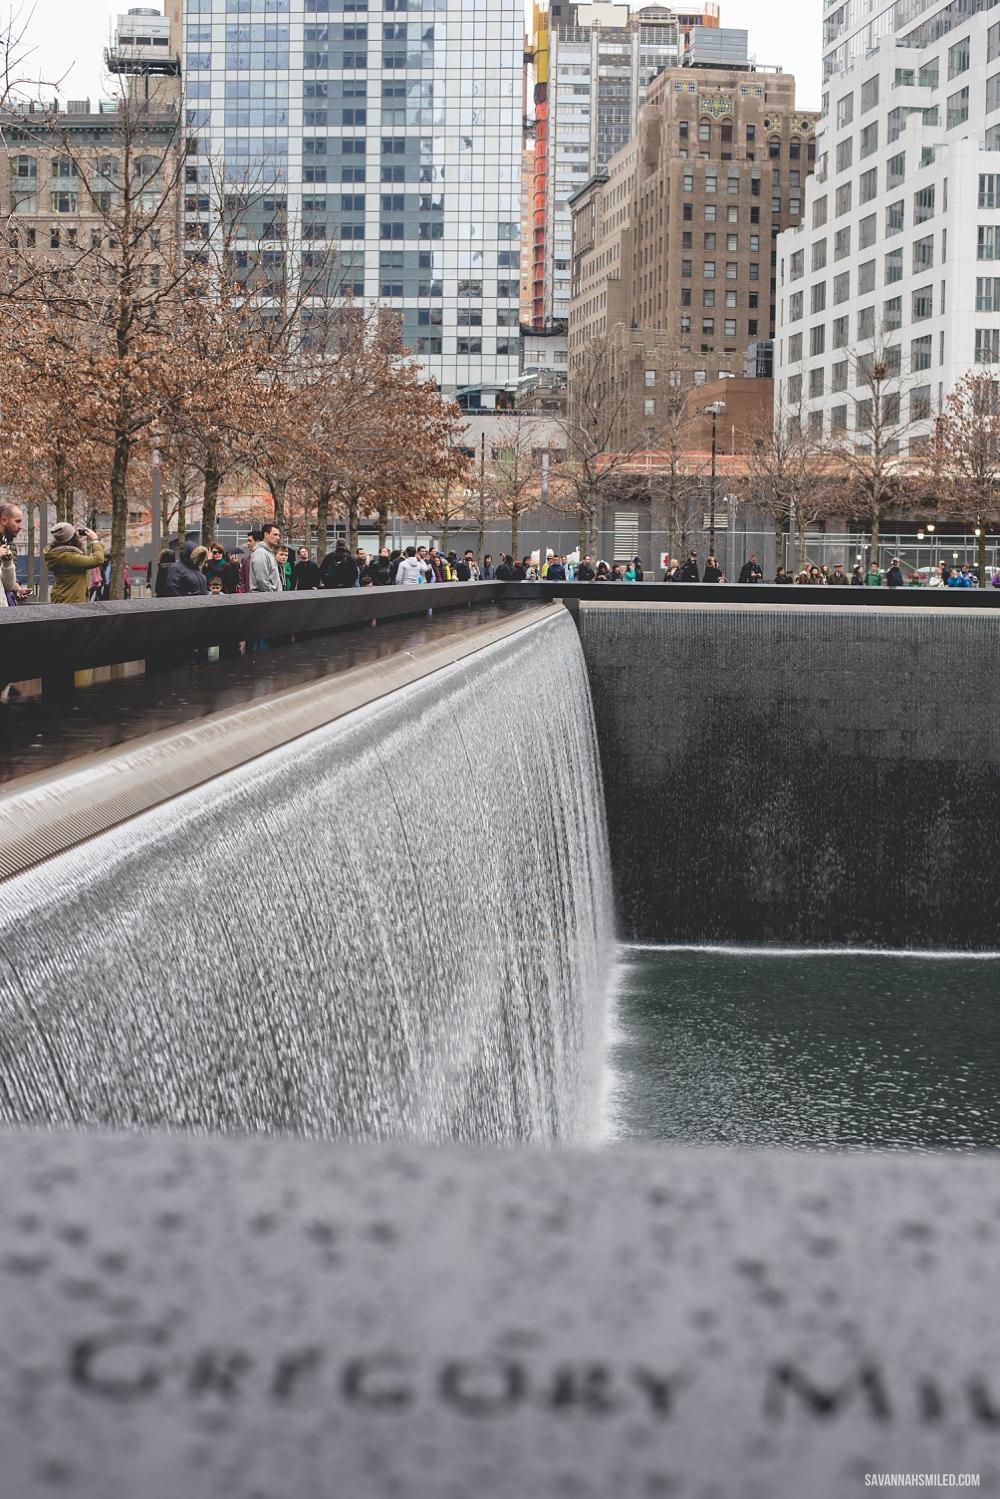 911-new-york-city-memorial-pools-9.jpg